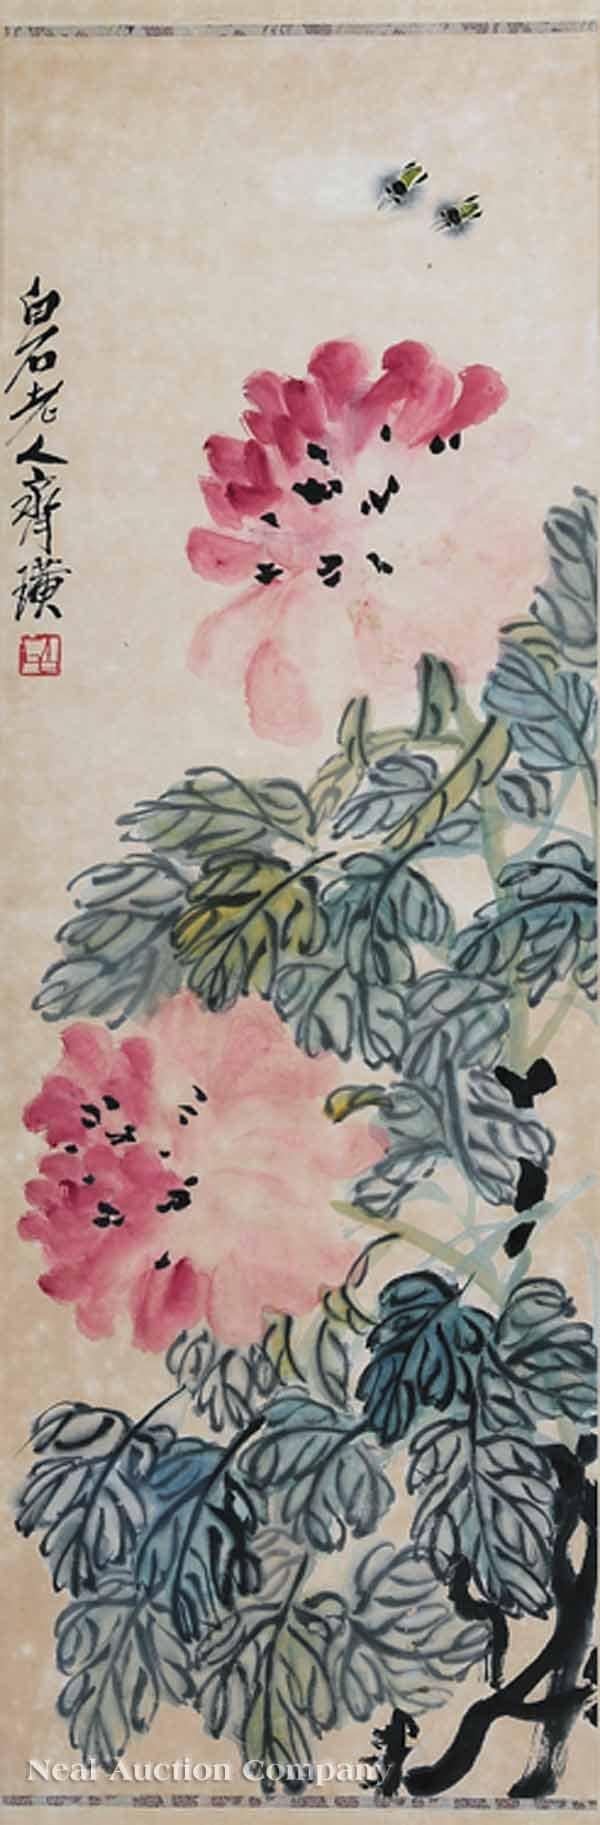 0095: Qi Baishi (Chinese, 1864-1957)